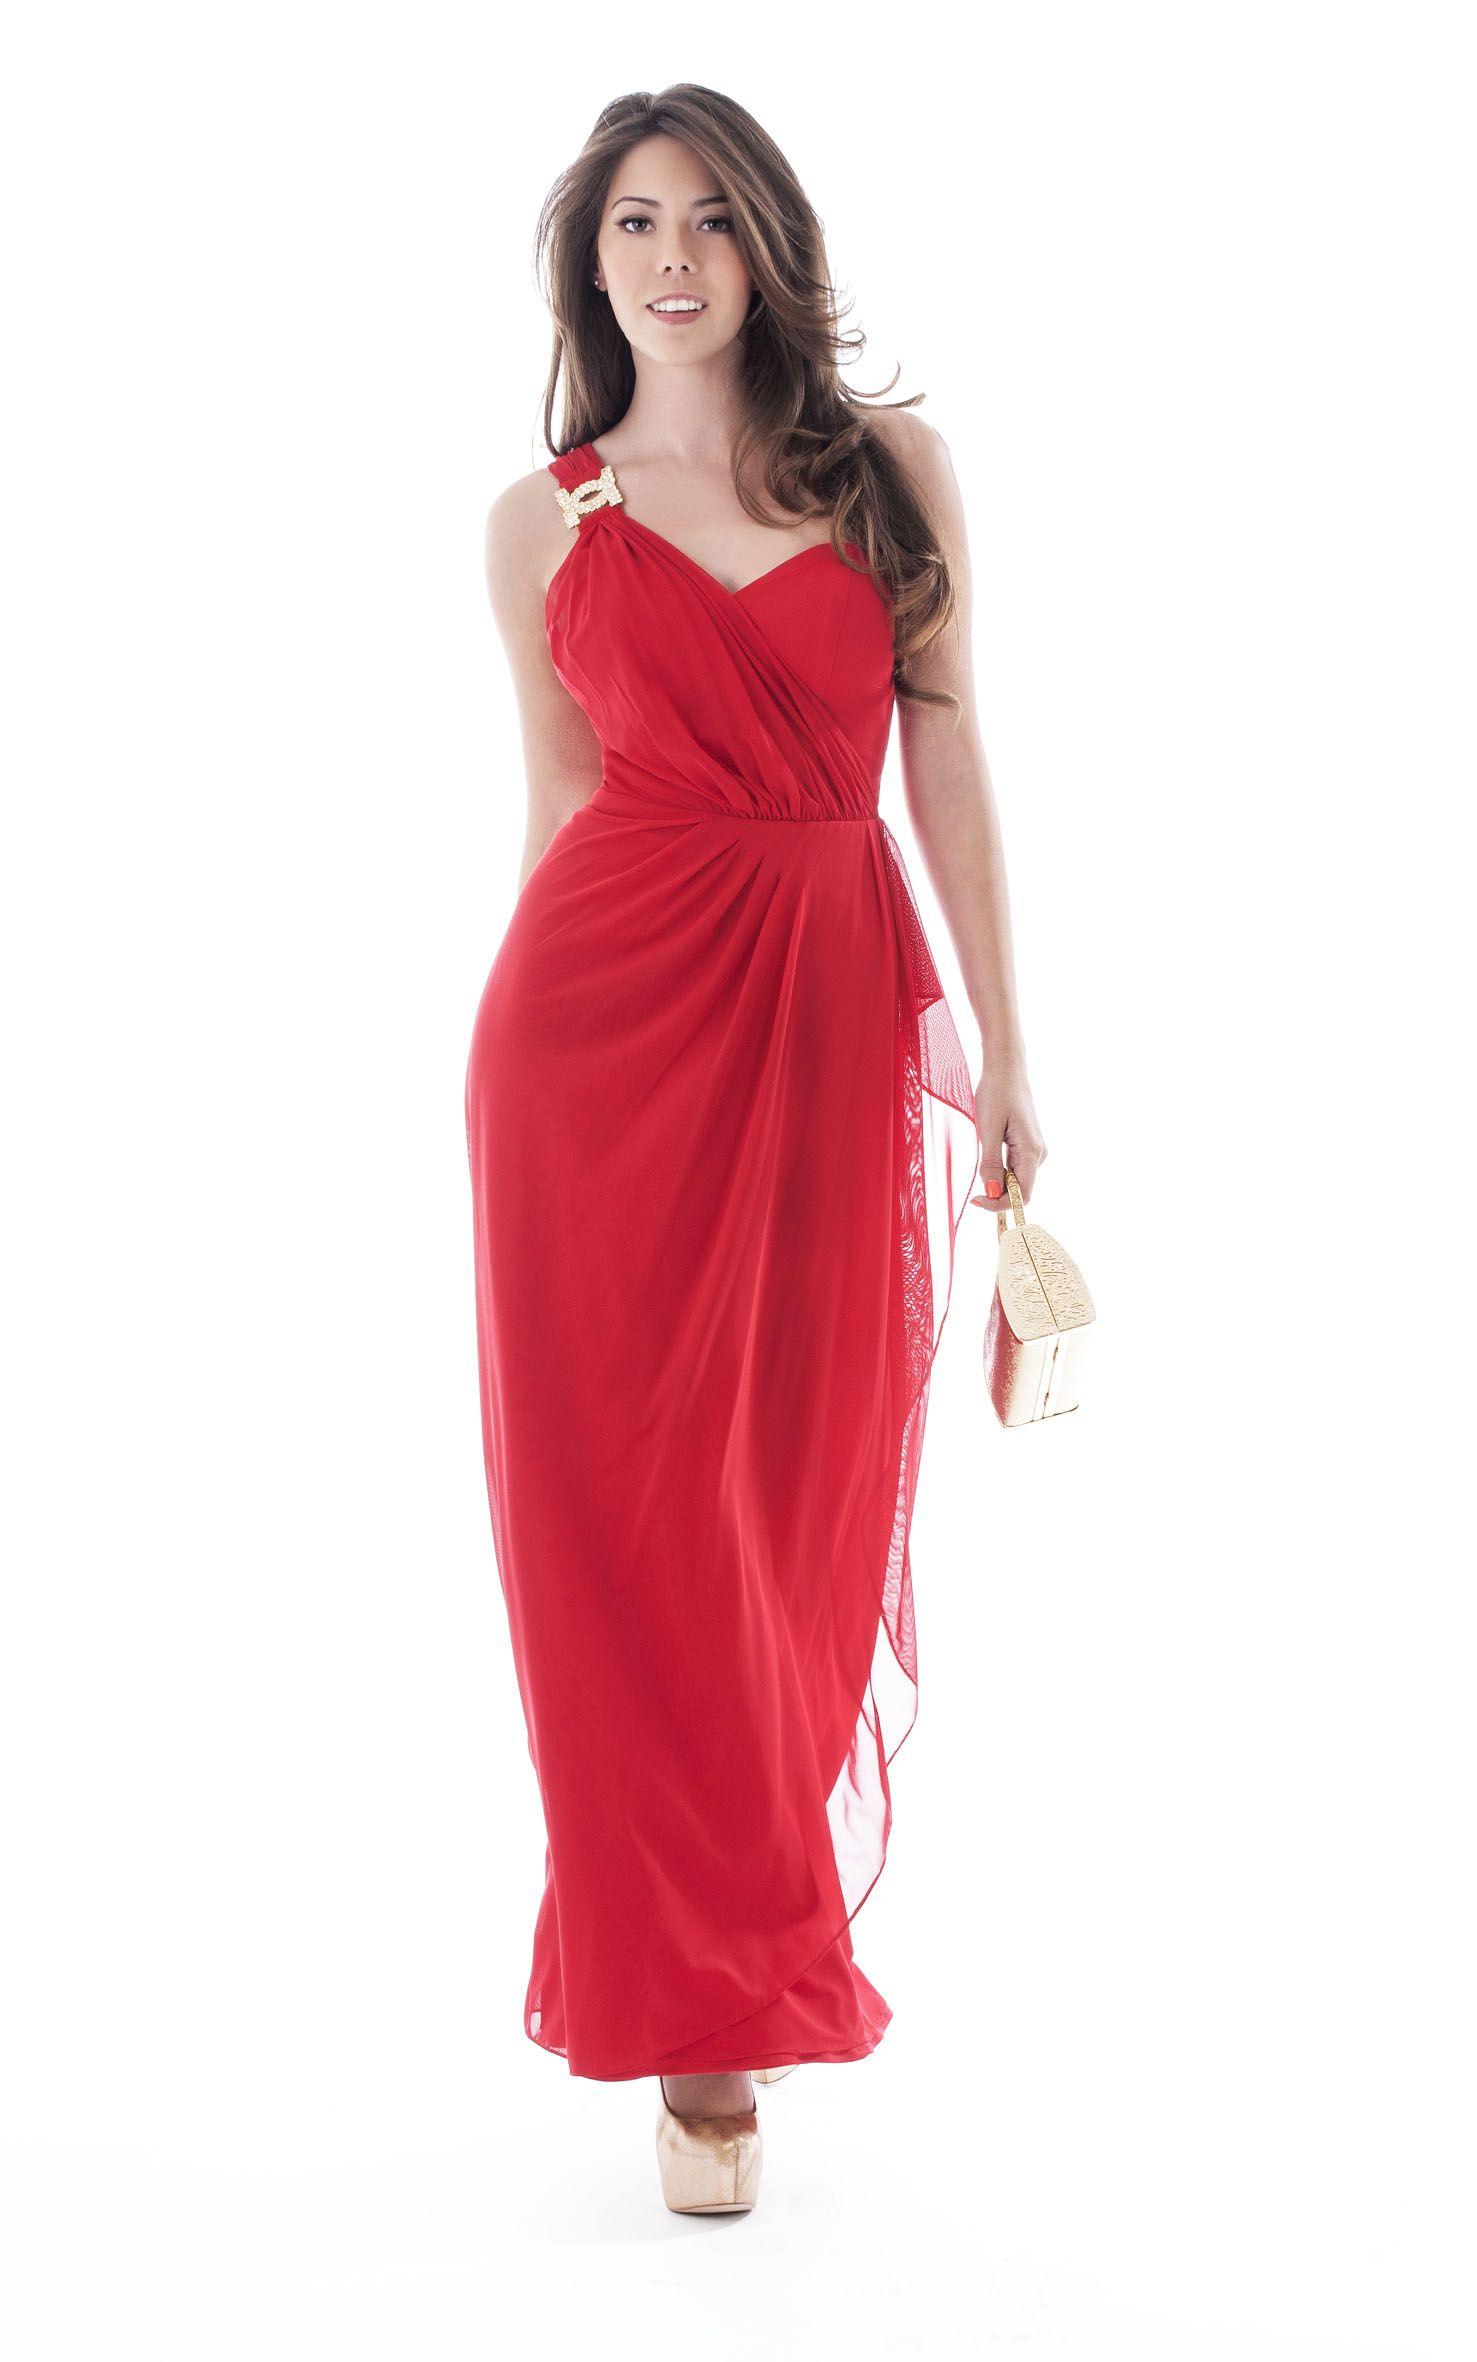 Precios de vestidos de fiesta en guadalajara